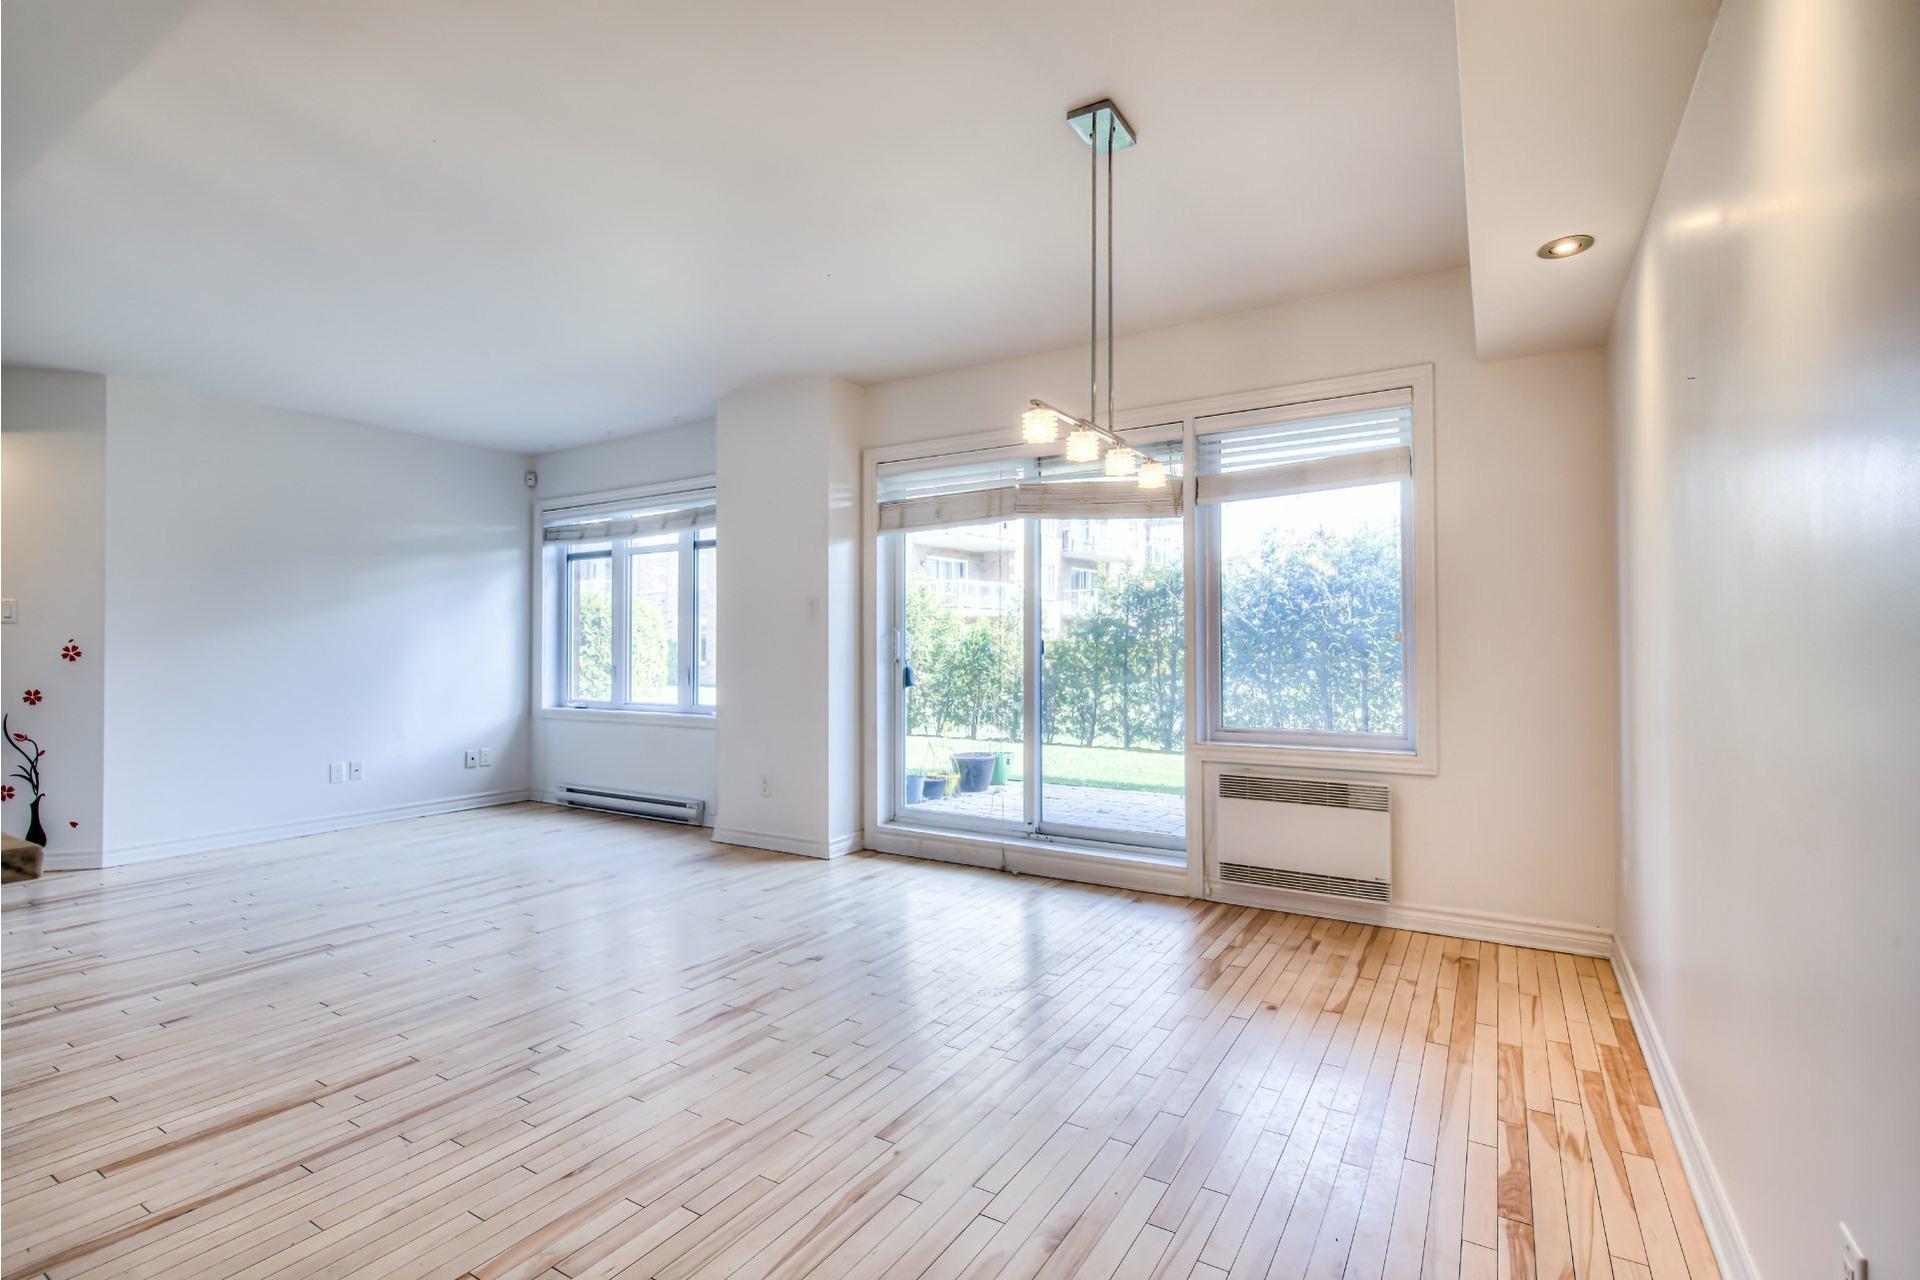 image 9 - Apartment For sale Saint-Laurent Montréal  - 6 rooms